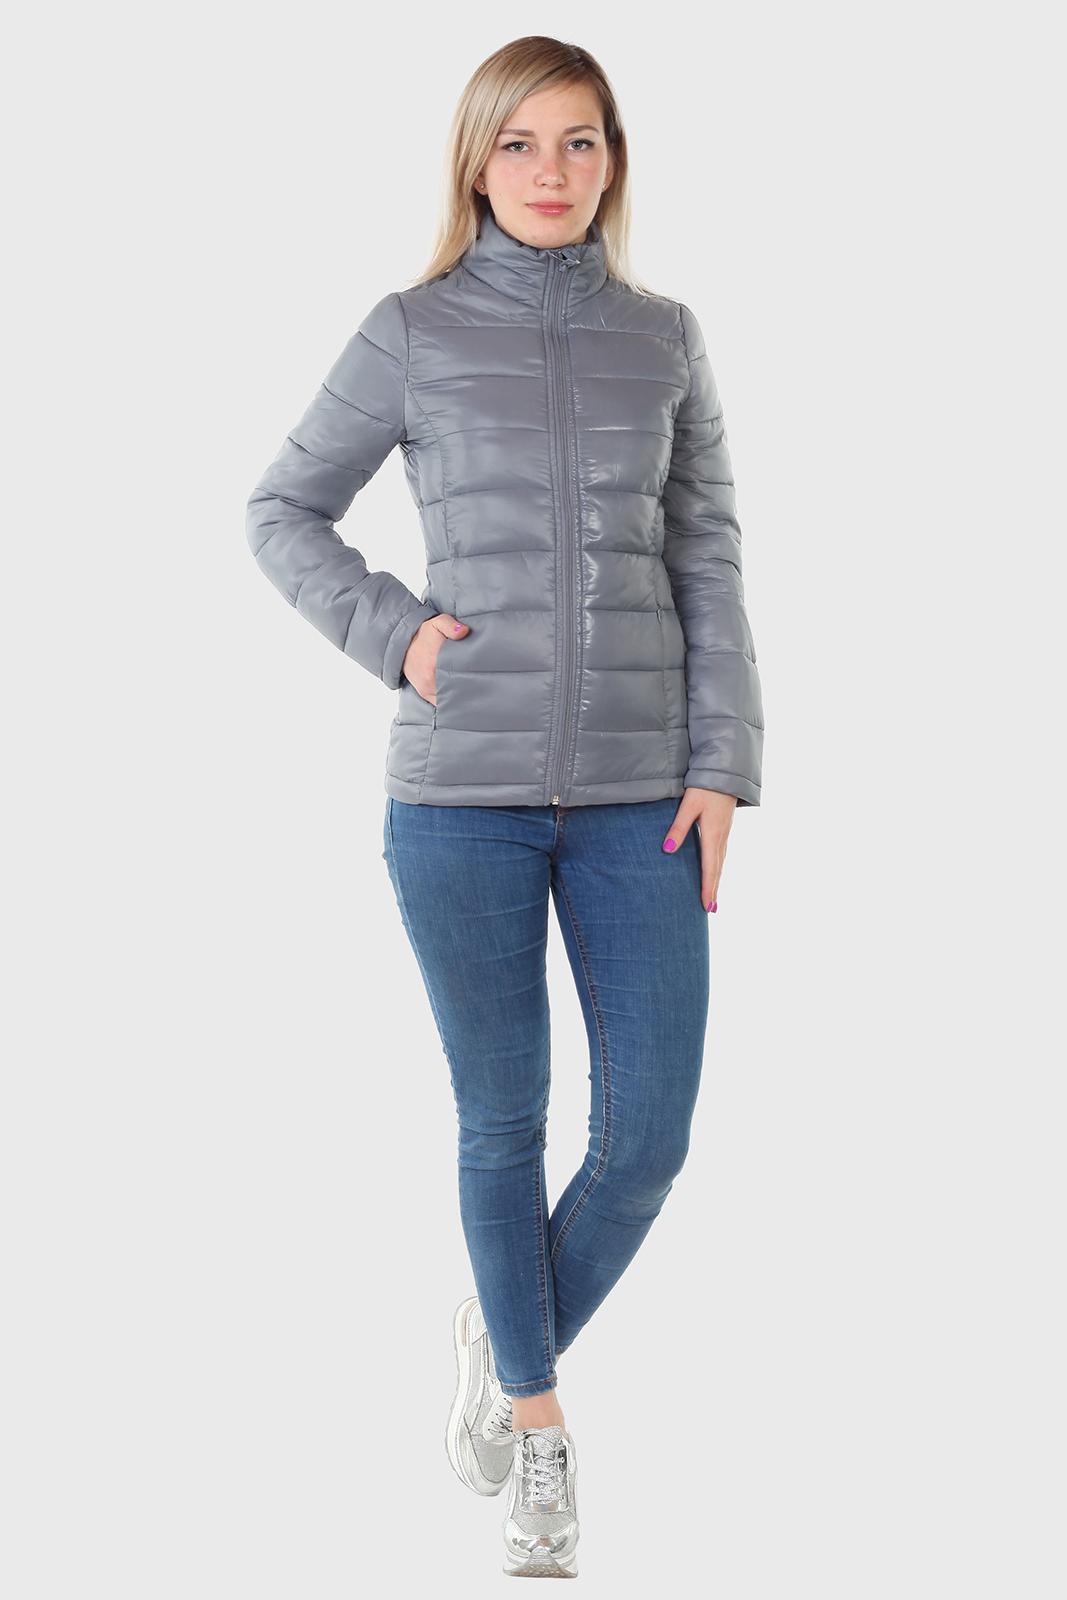 Купить в интернет магазине женскую демисезонную куртку LTB